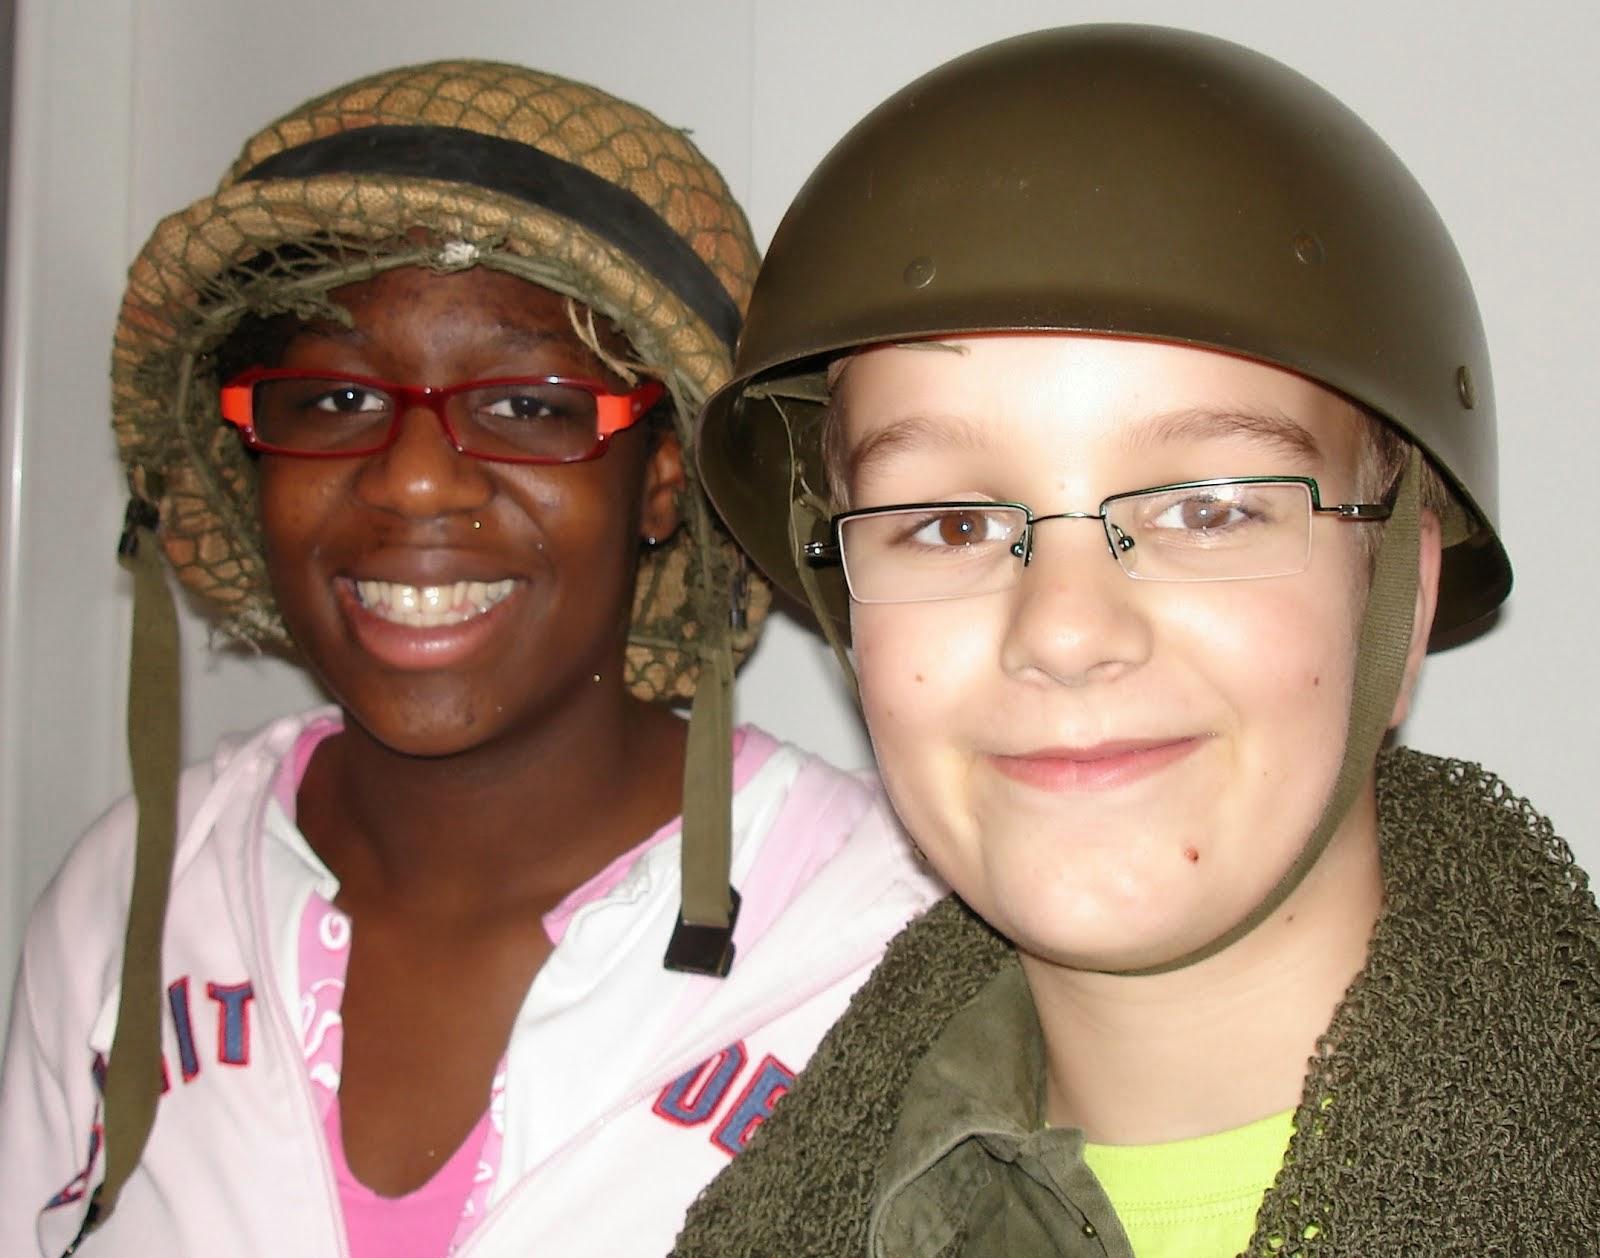 Broer en zus - foto 2008